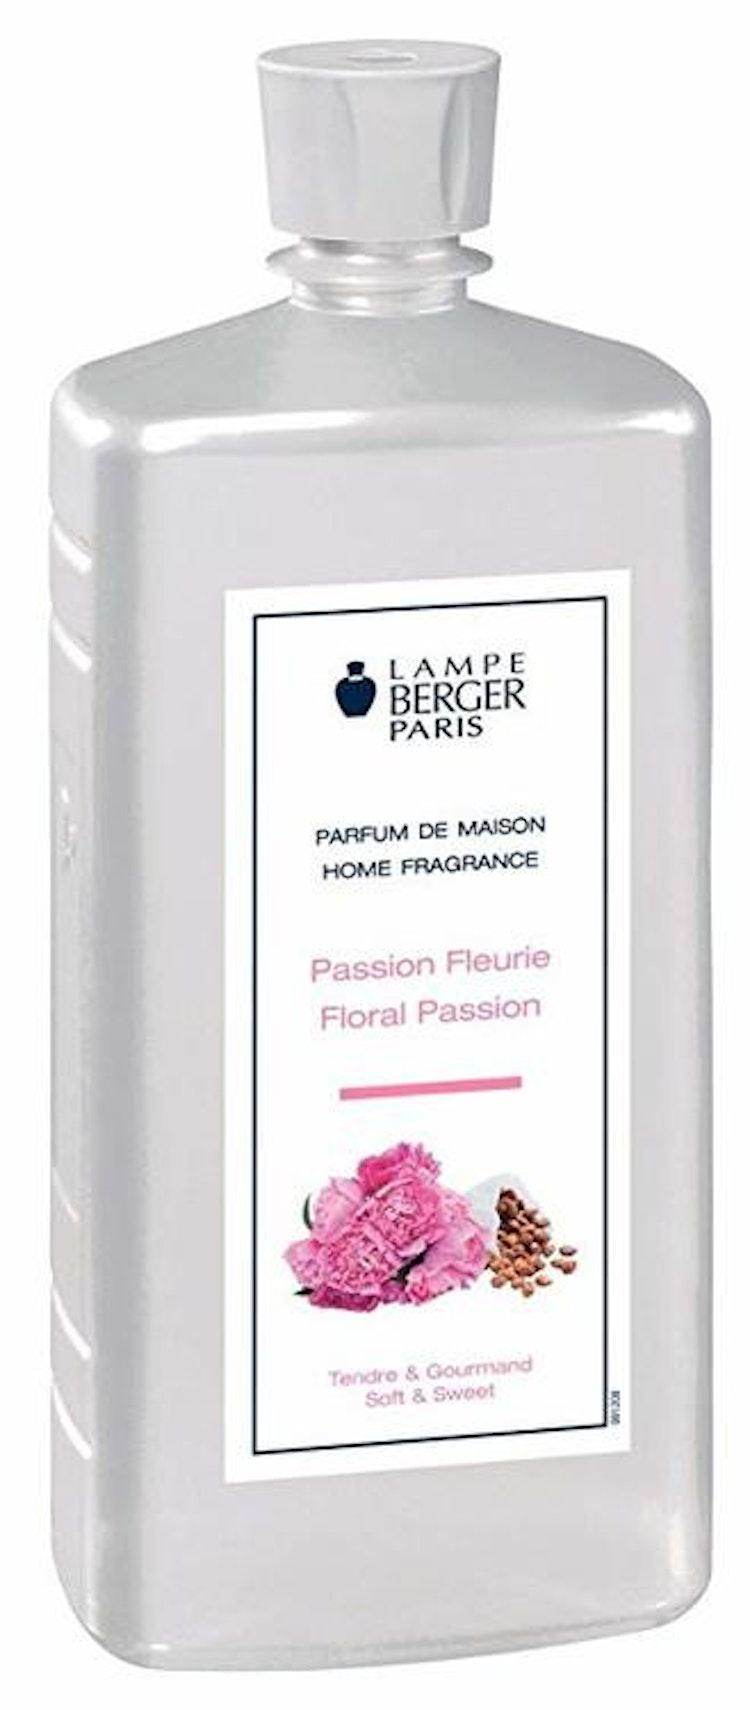 Doft Floral Passion - Maison Berger (Lampe Berger)